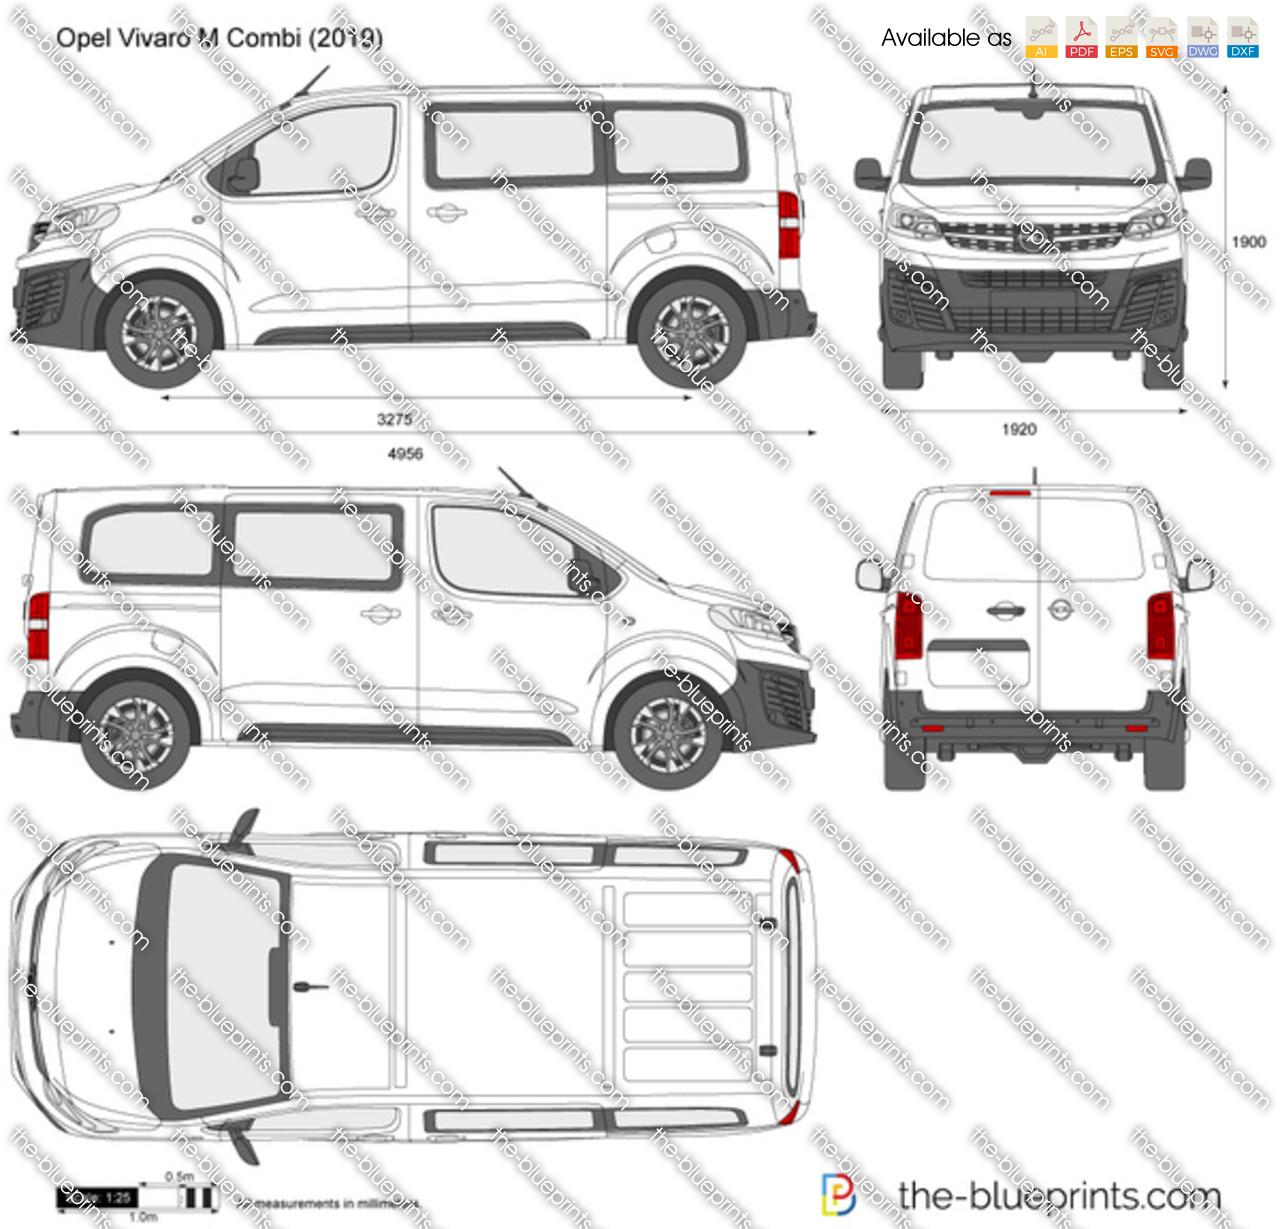 Opel Vivaro M Combi